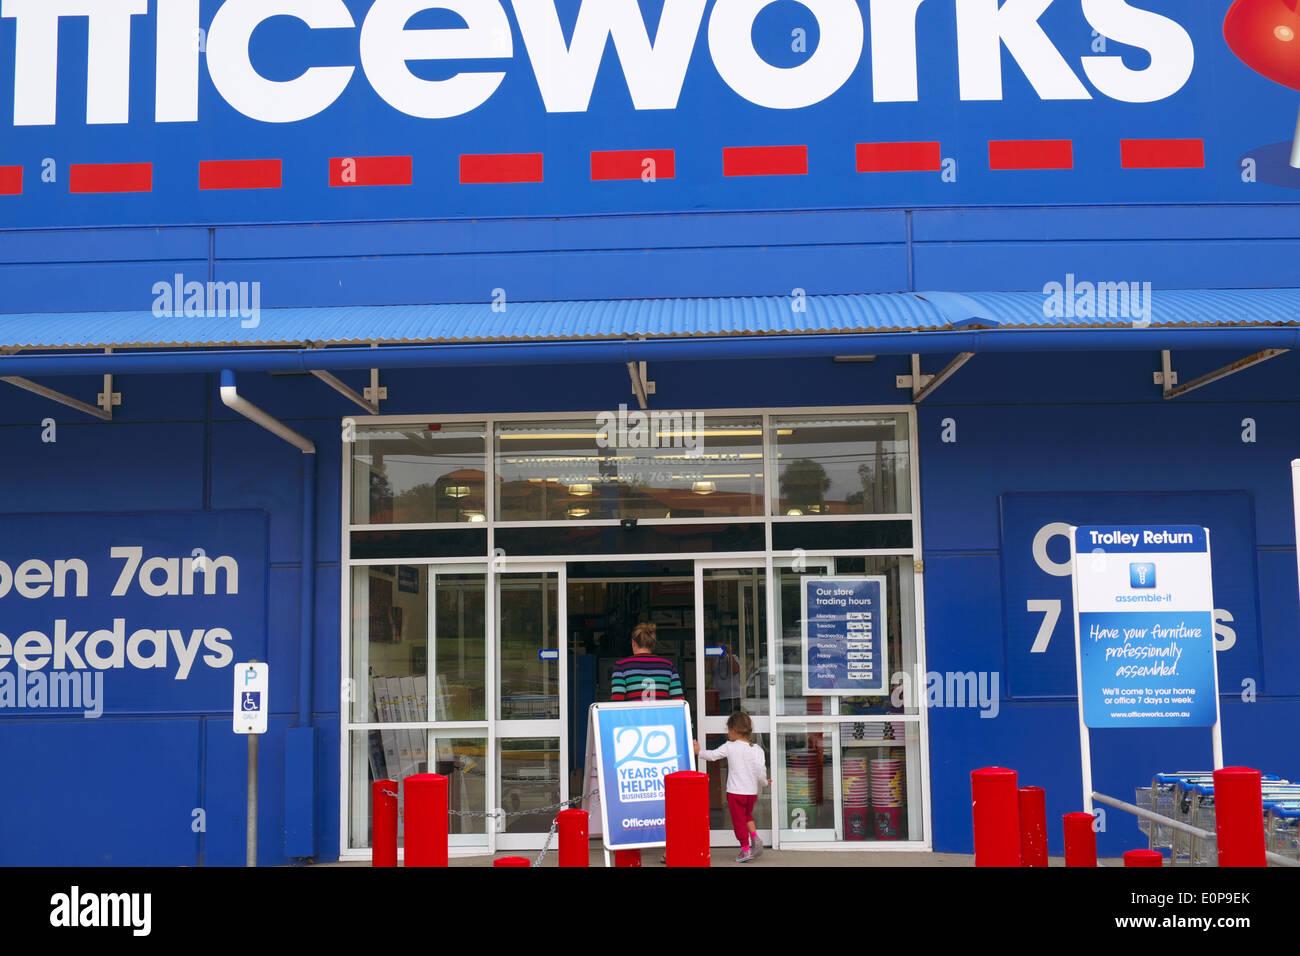 une chaine nationale australienne de magasins de fournitures de bureau est administre par wesfarmers et est base sur le depot de bureau en france